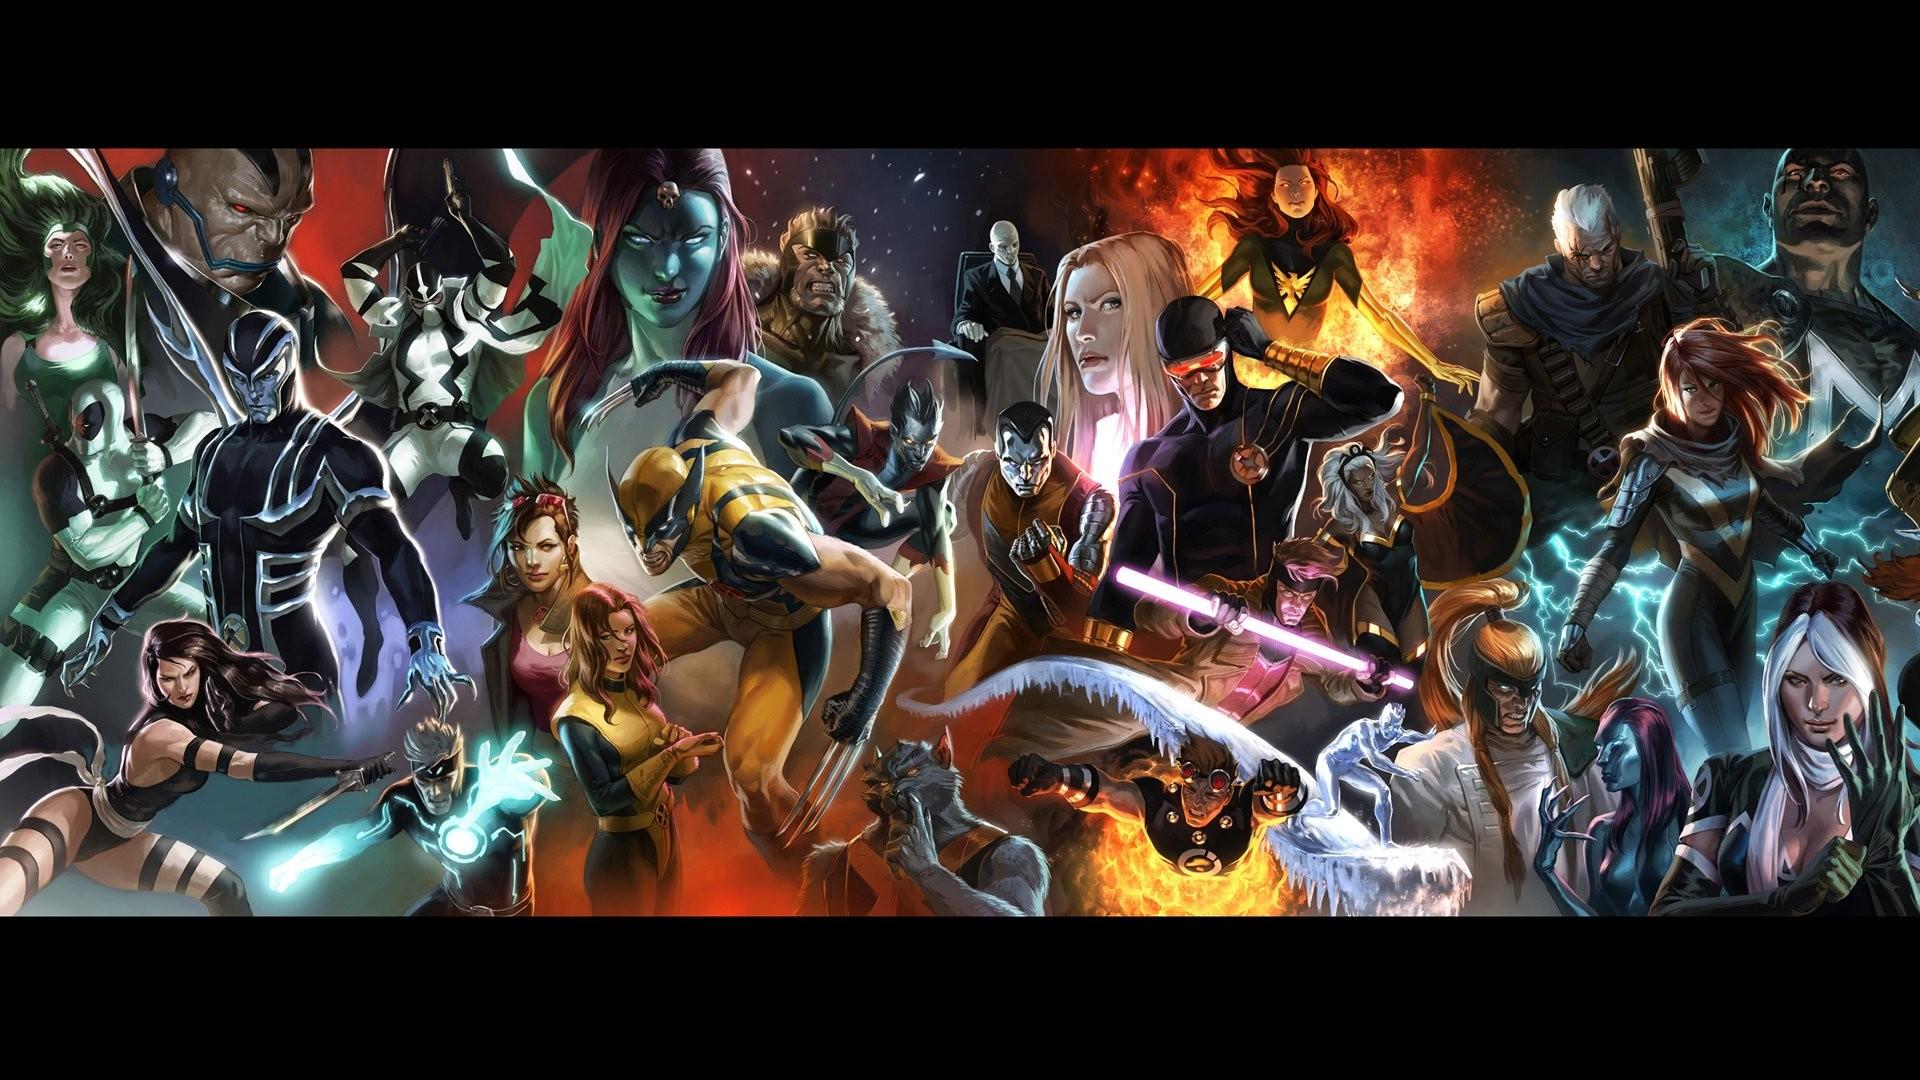 Res: 1920x1080, HD Wallpaper | Background Image ID:283338.  Comics Marvel Comics